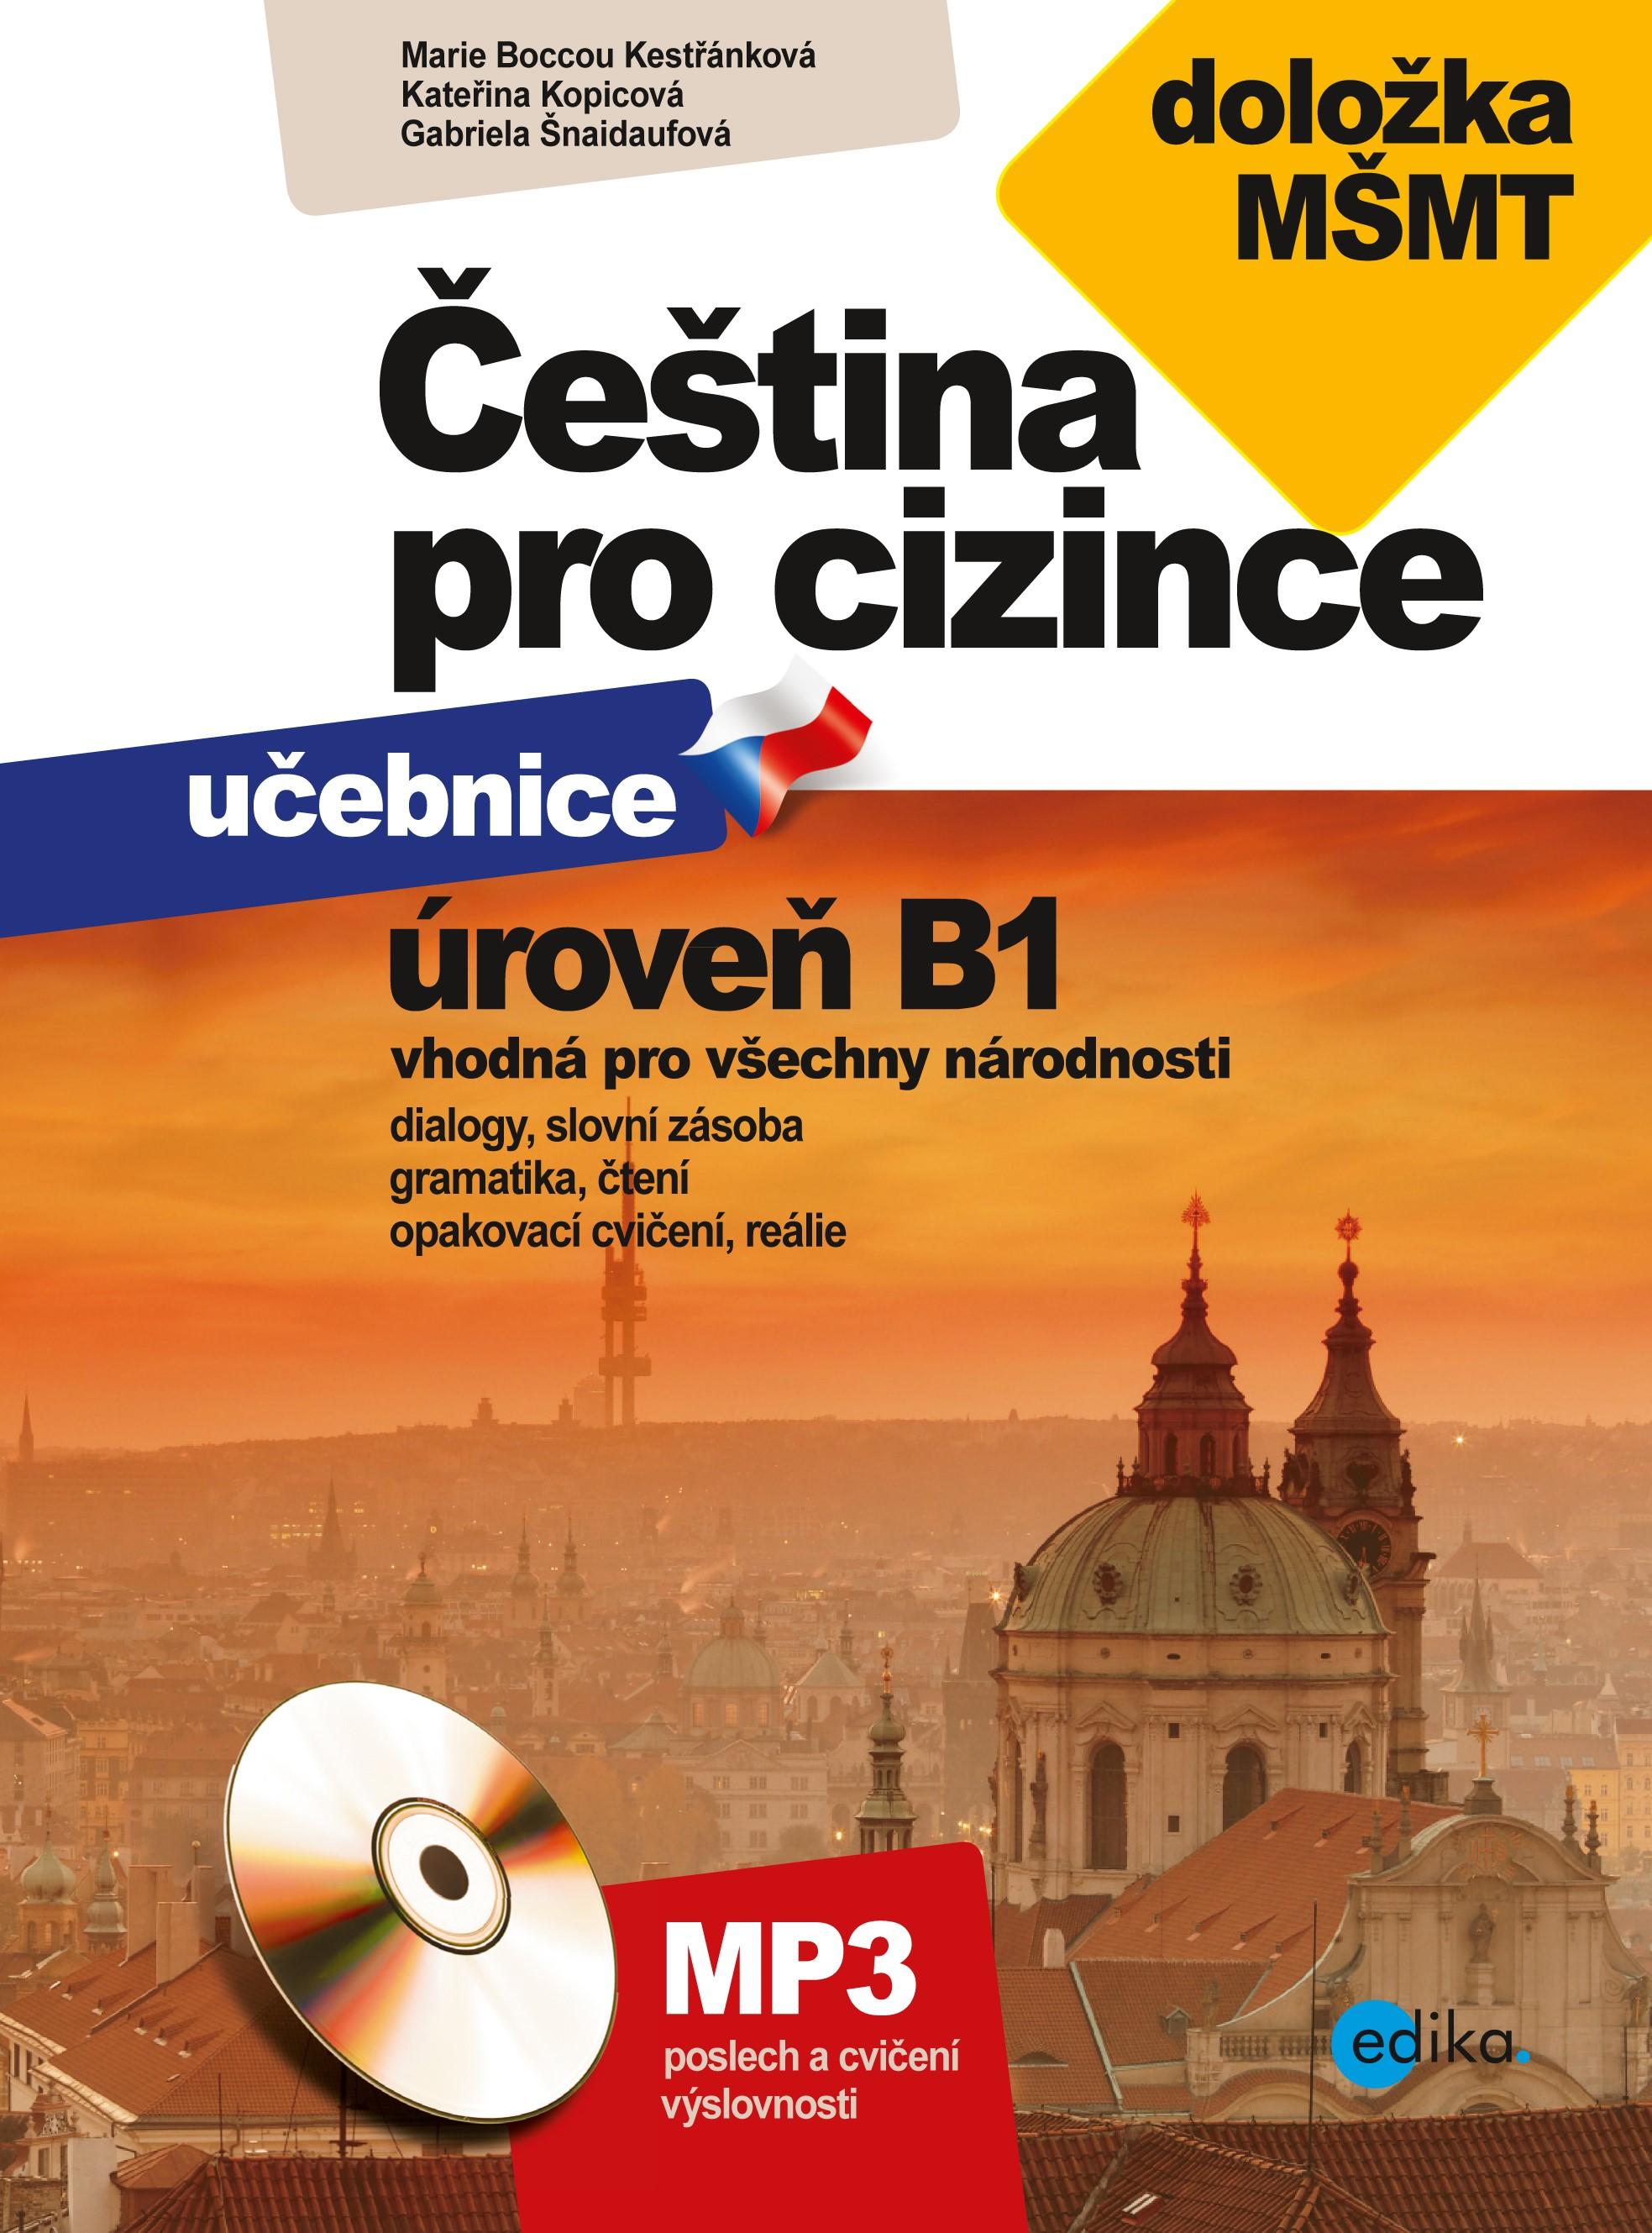 Čeština pro cizince B1 | Marie Boccou Kestřánková